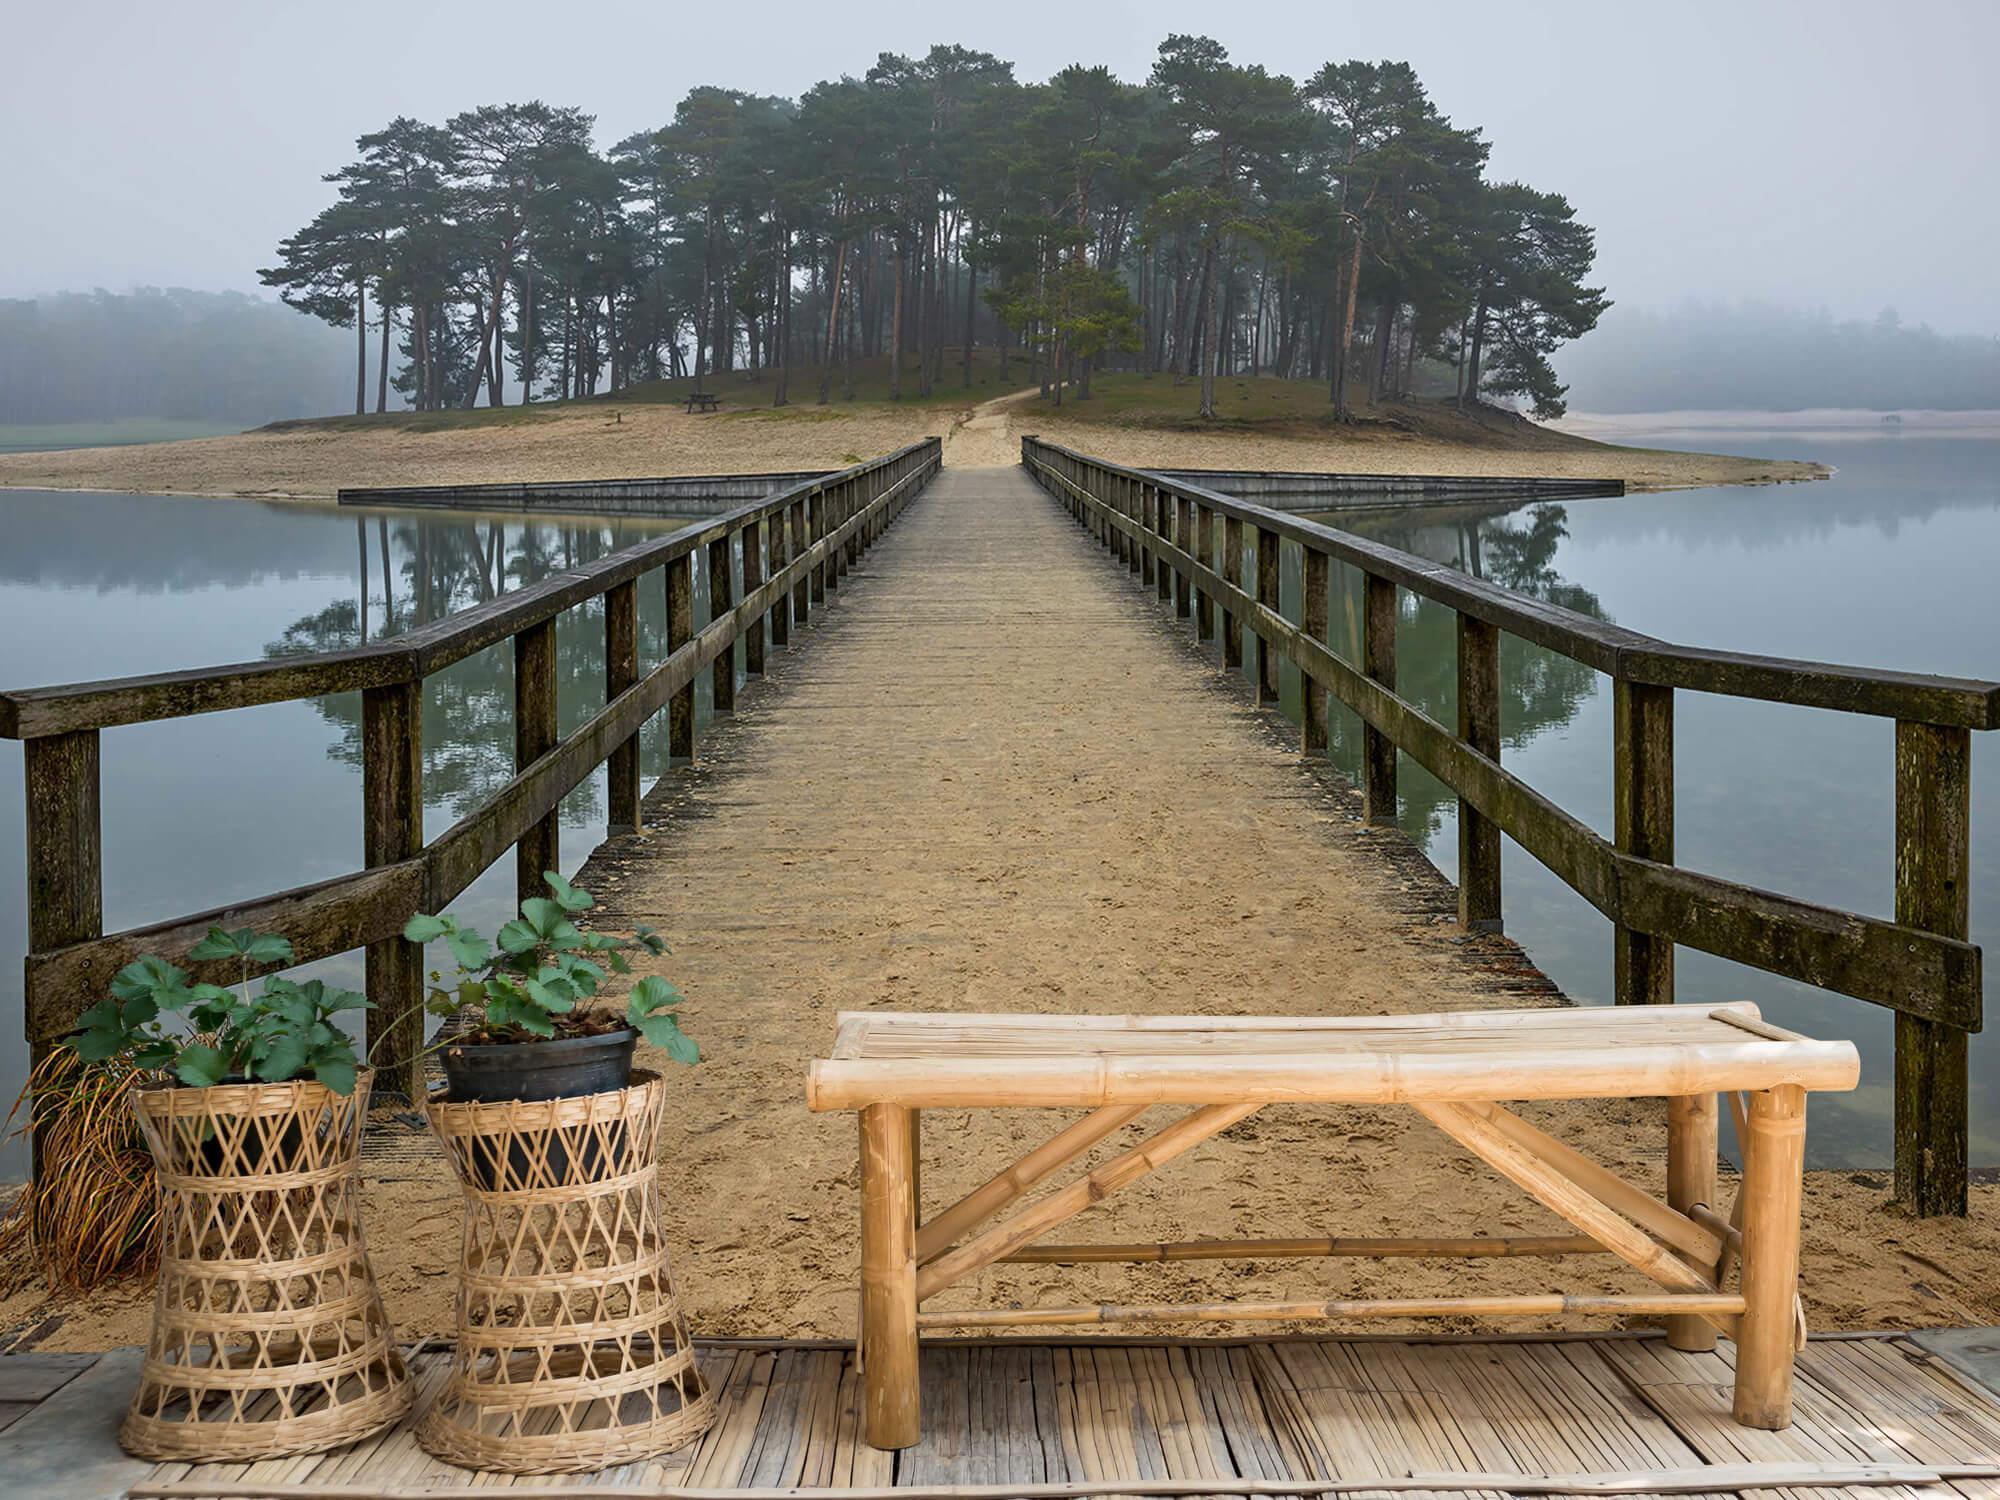 Natuur Eiland in de mist 5